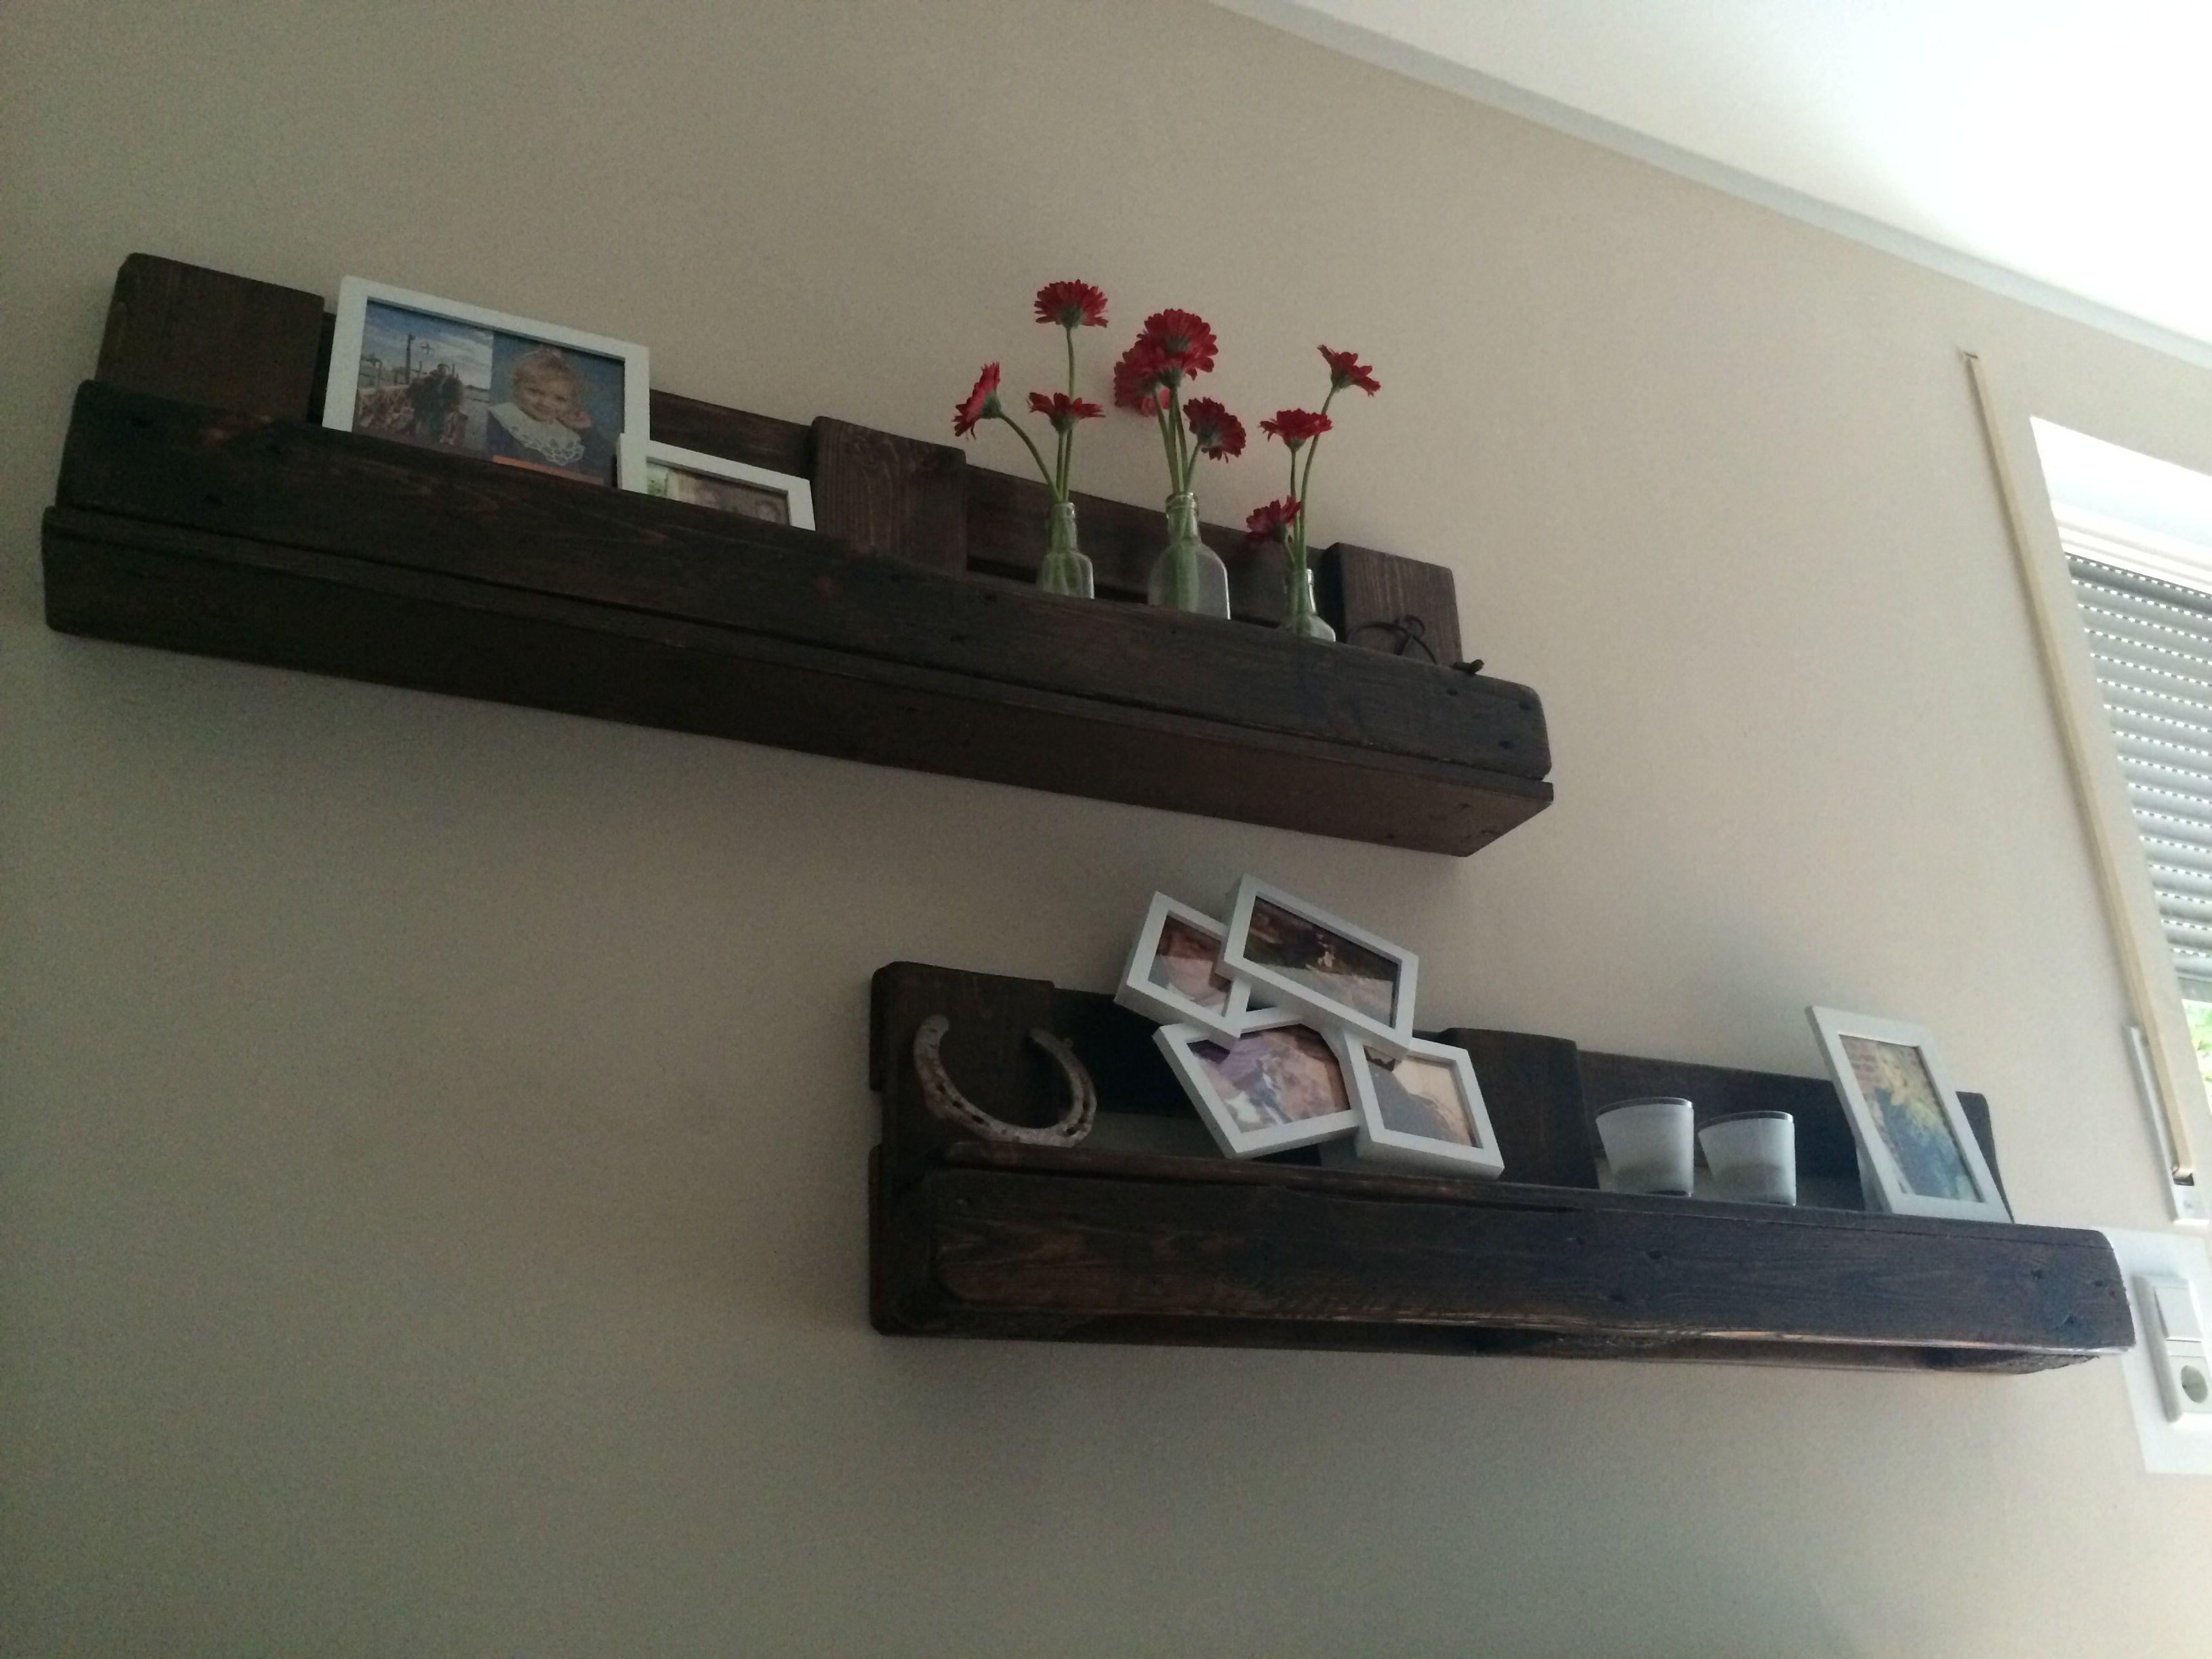 wandregale aus einer europalette 1 segen schleifen 2 beitzen mit klarlack lackieren 3. Black Bedroom Furniture Sets. Home Design Ideas